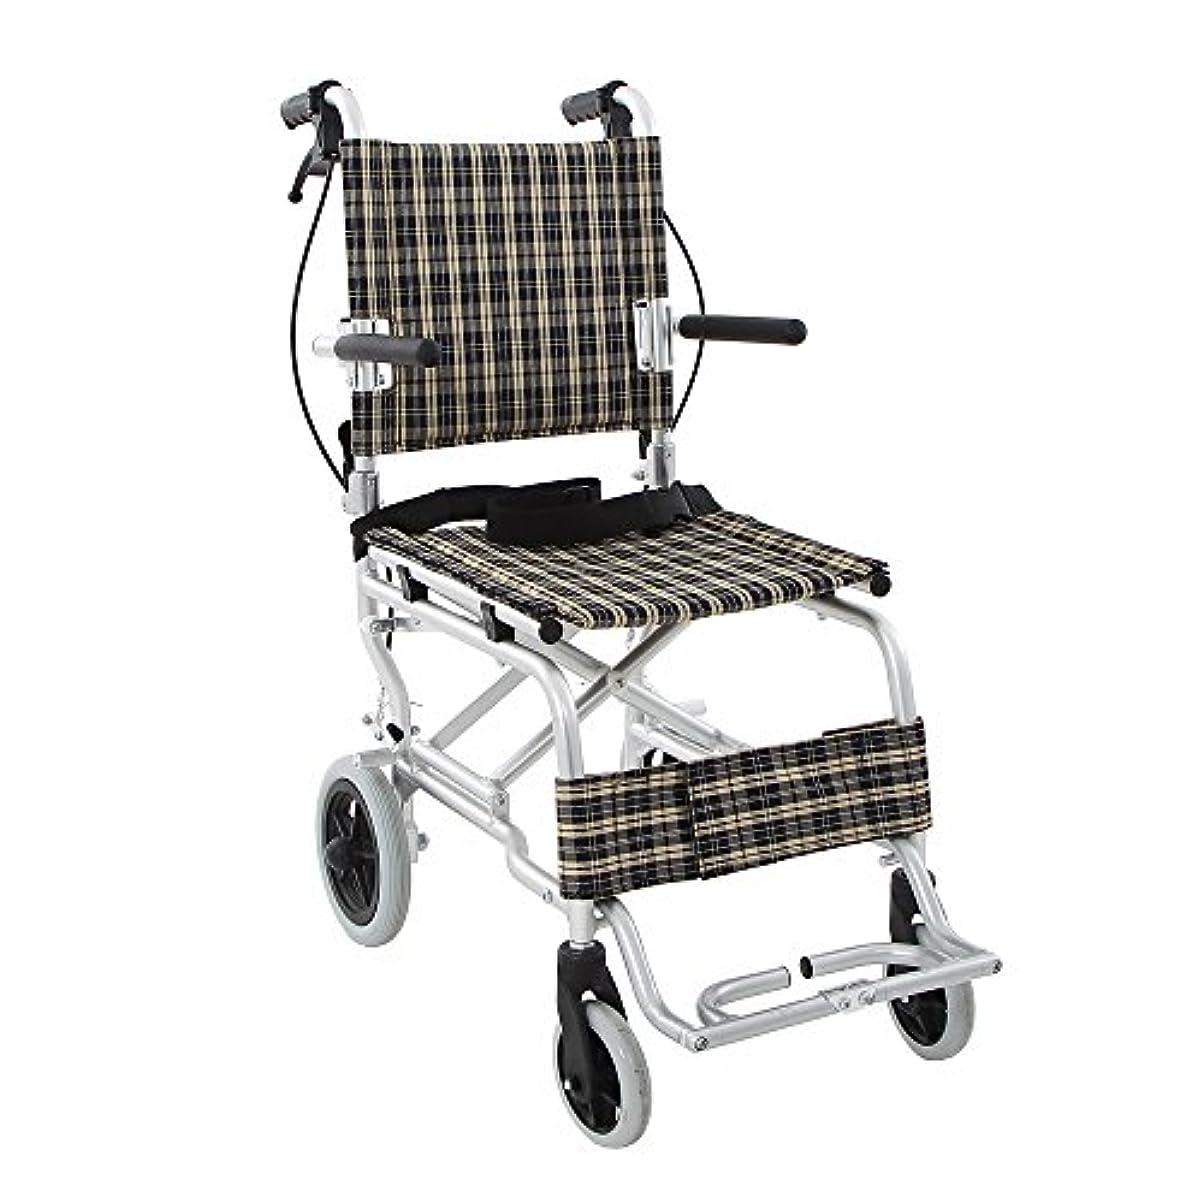 途方もない論争の的誤楽々健 折り畳み式車椅子 介助型 軽量アルミ製 簡易車椅子 旅行用 外出用 コンパクト